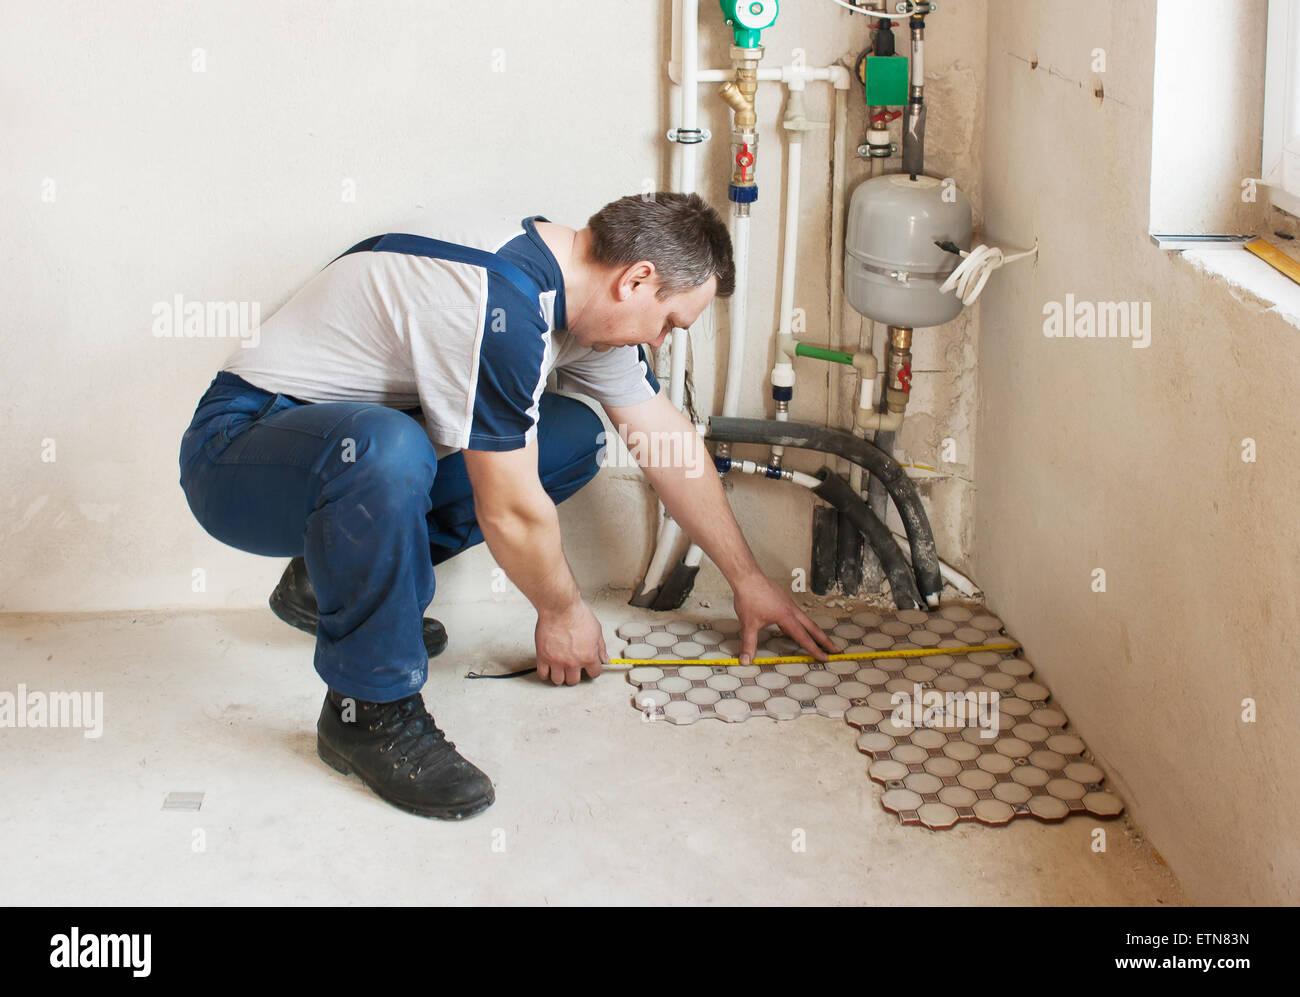 Carreaux de sol pose l'homme dans une nouvelle maison Photo Stock